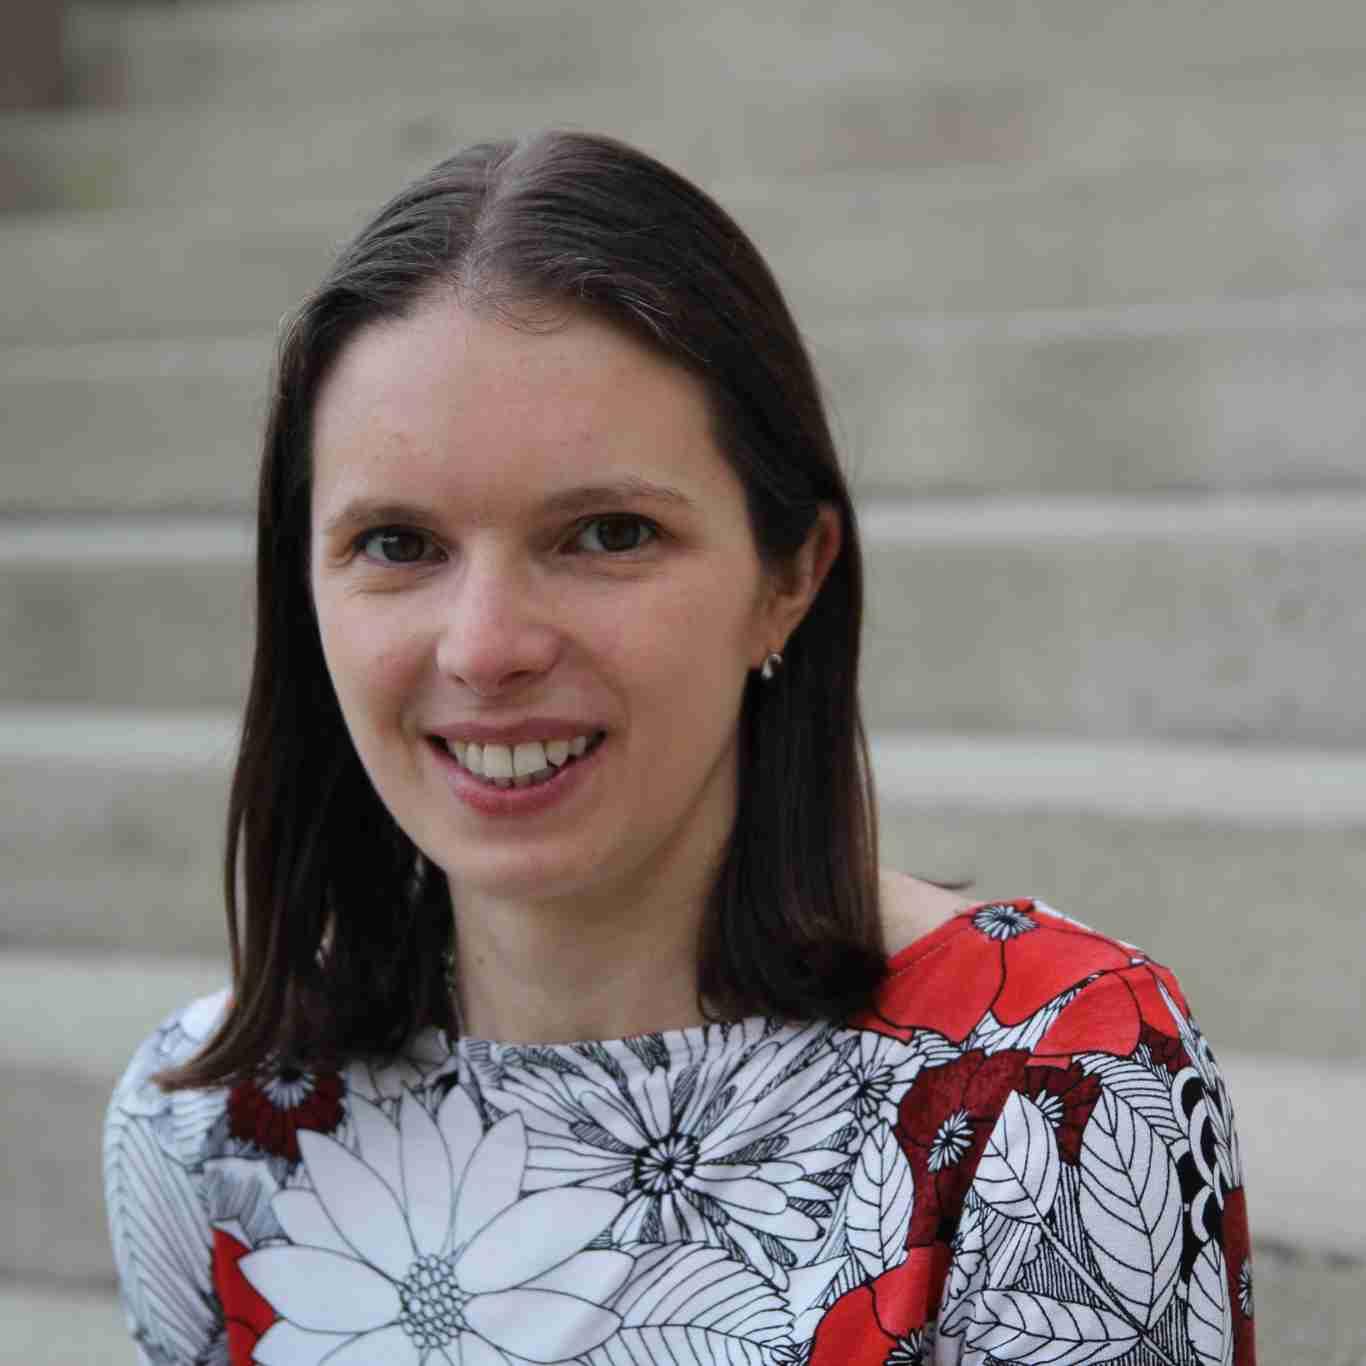 Samantha Hindle